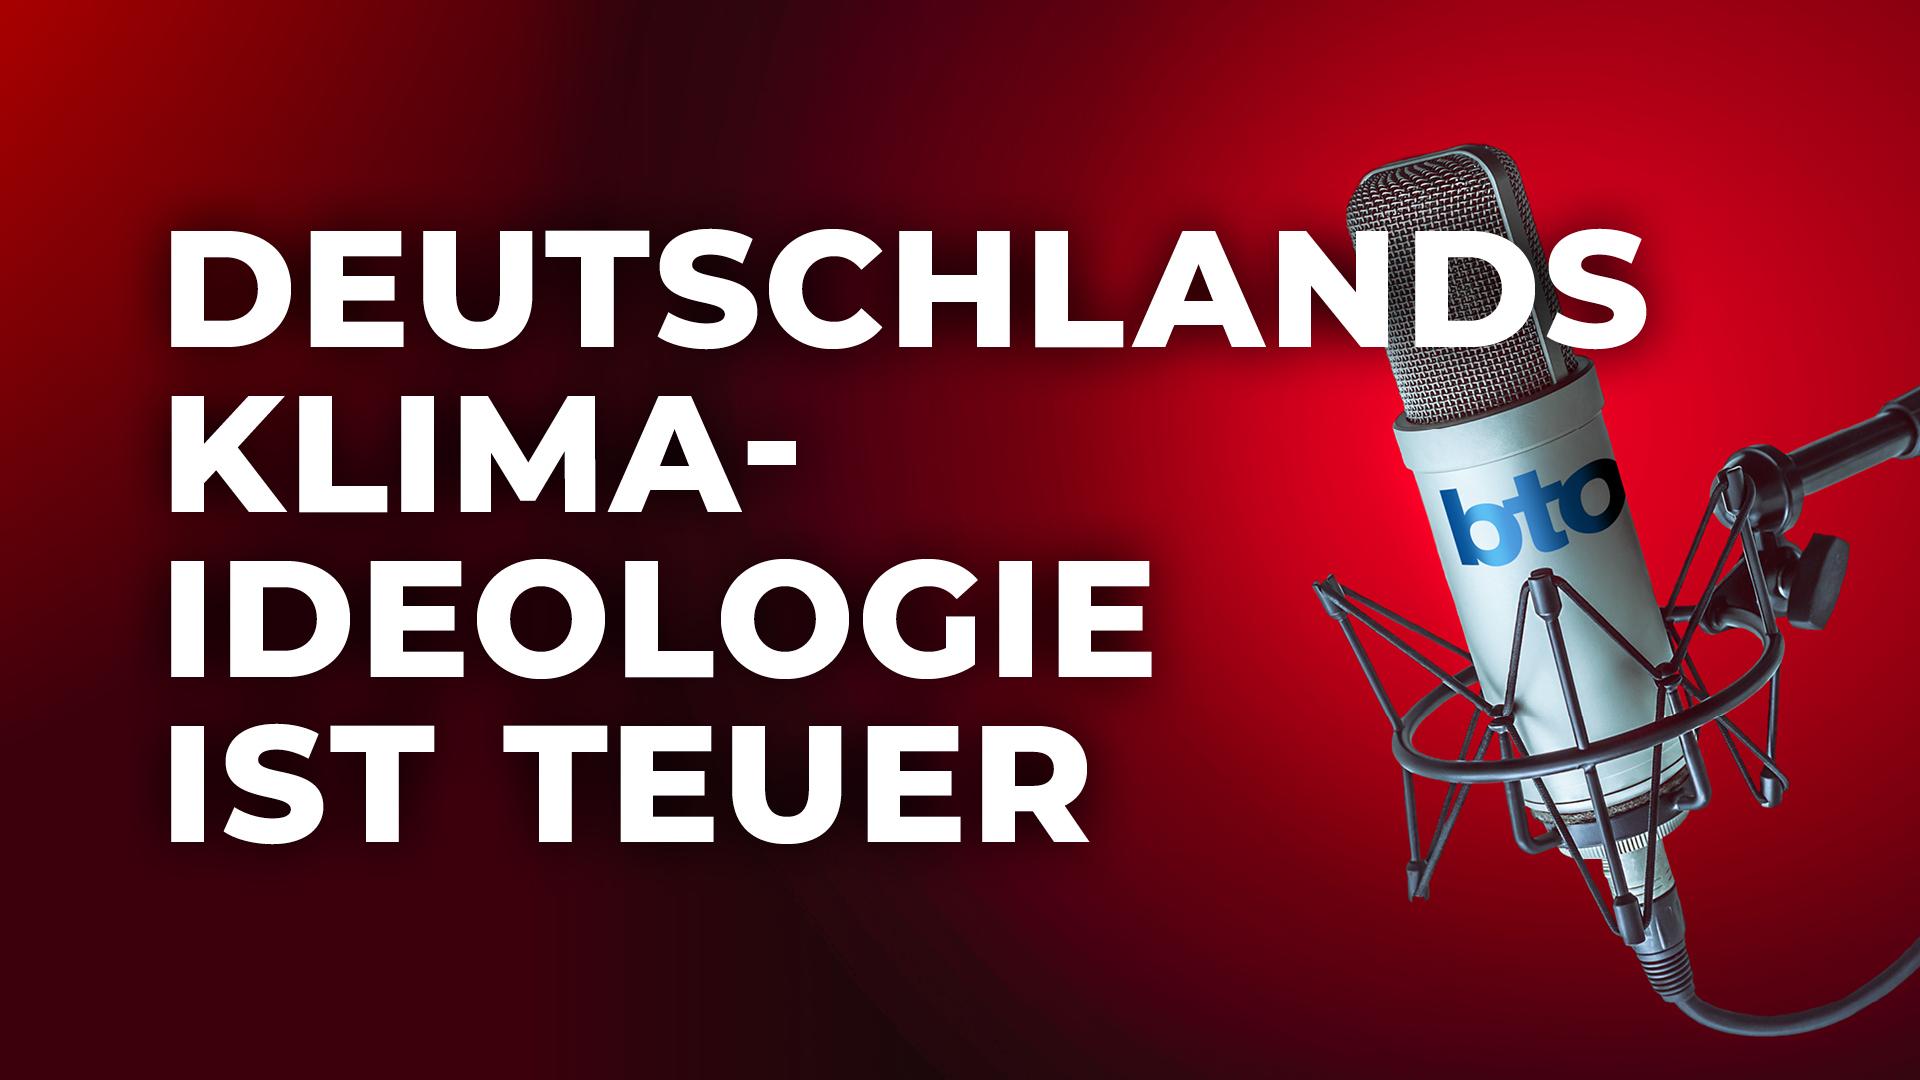 Deutschlands Klima-Ideologie ist teuer